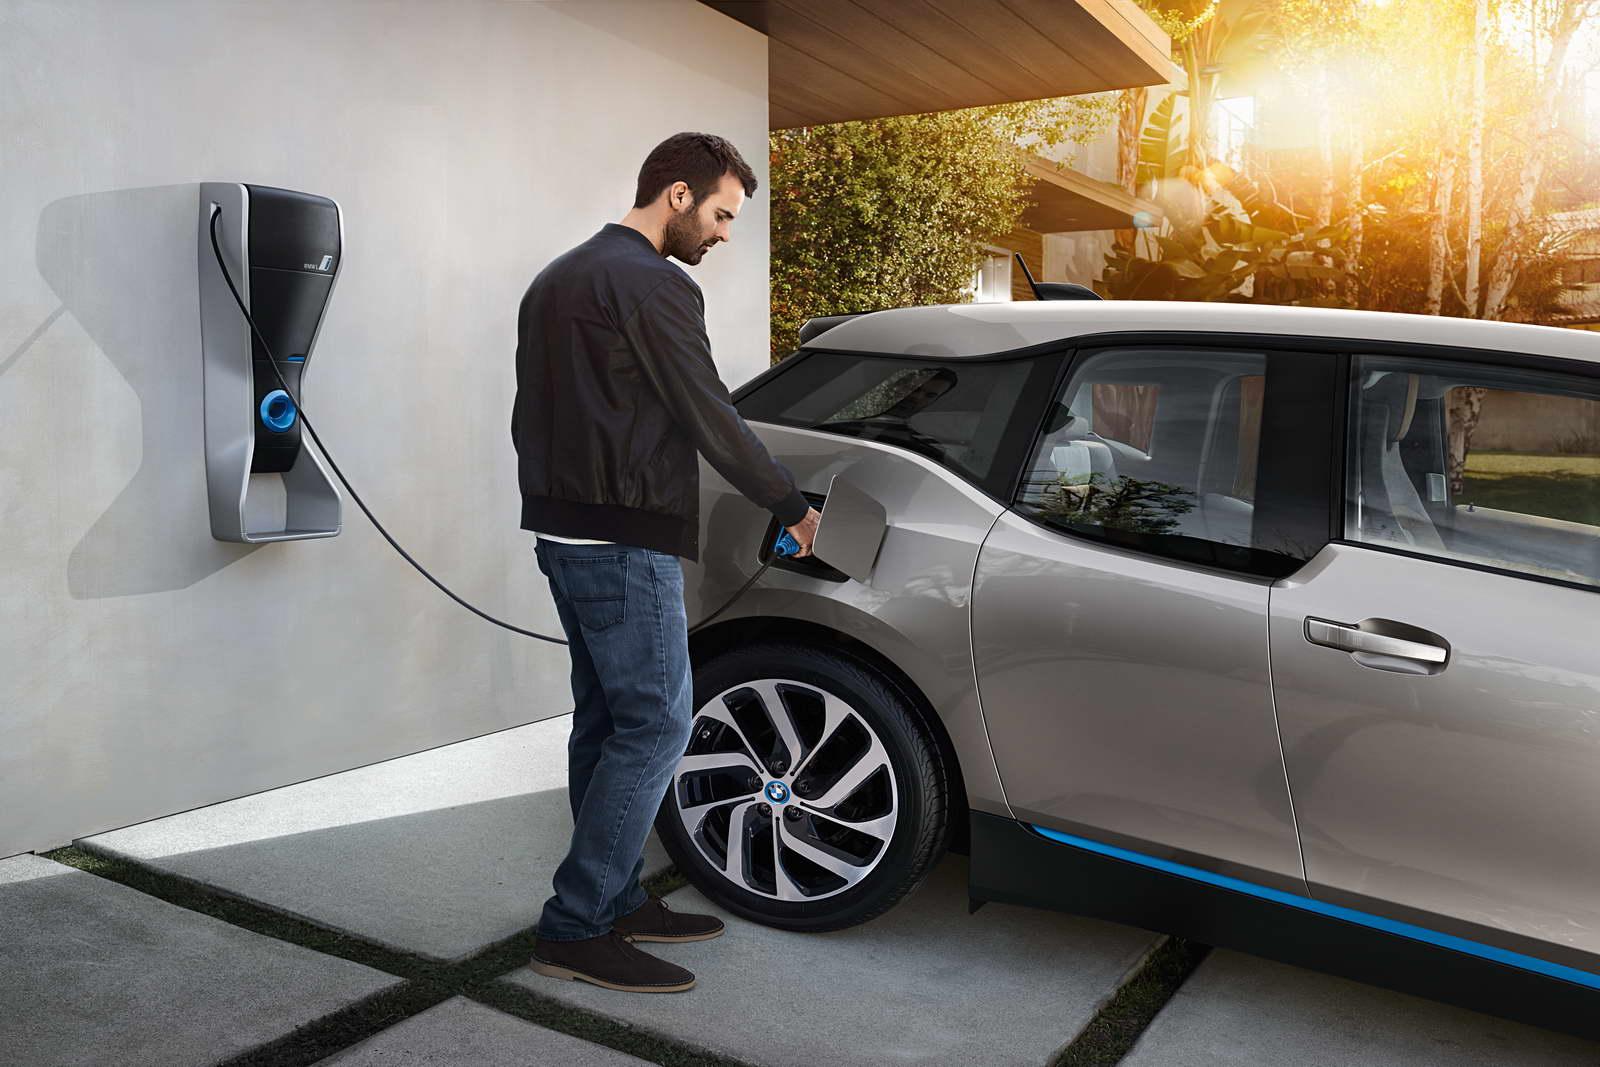 К 2025г. электромобили могут стать дешевле машин сДВС